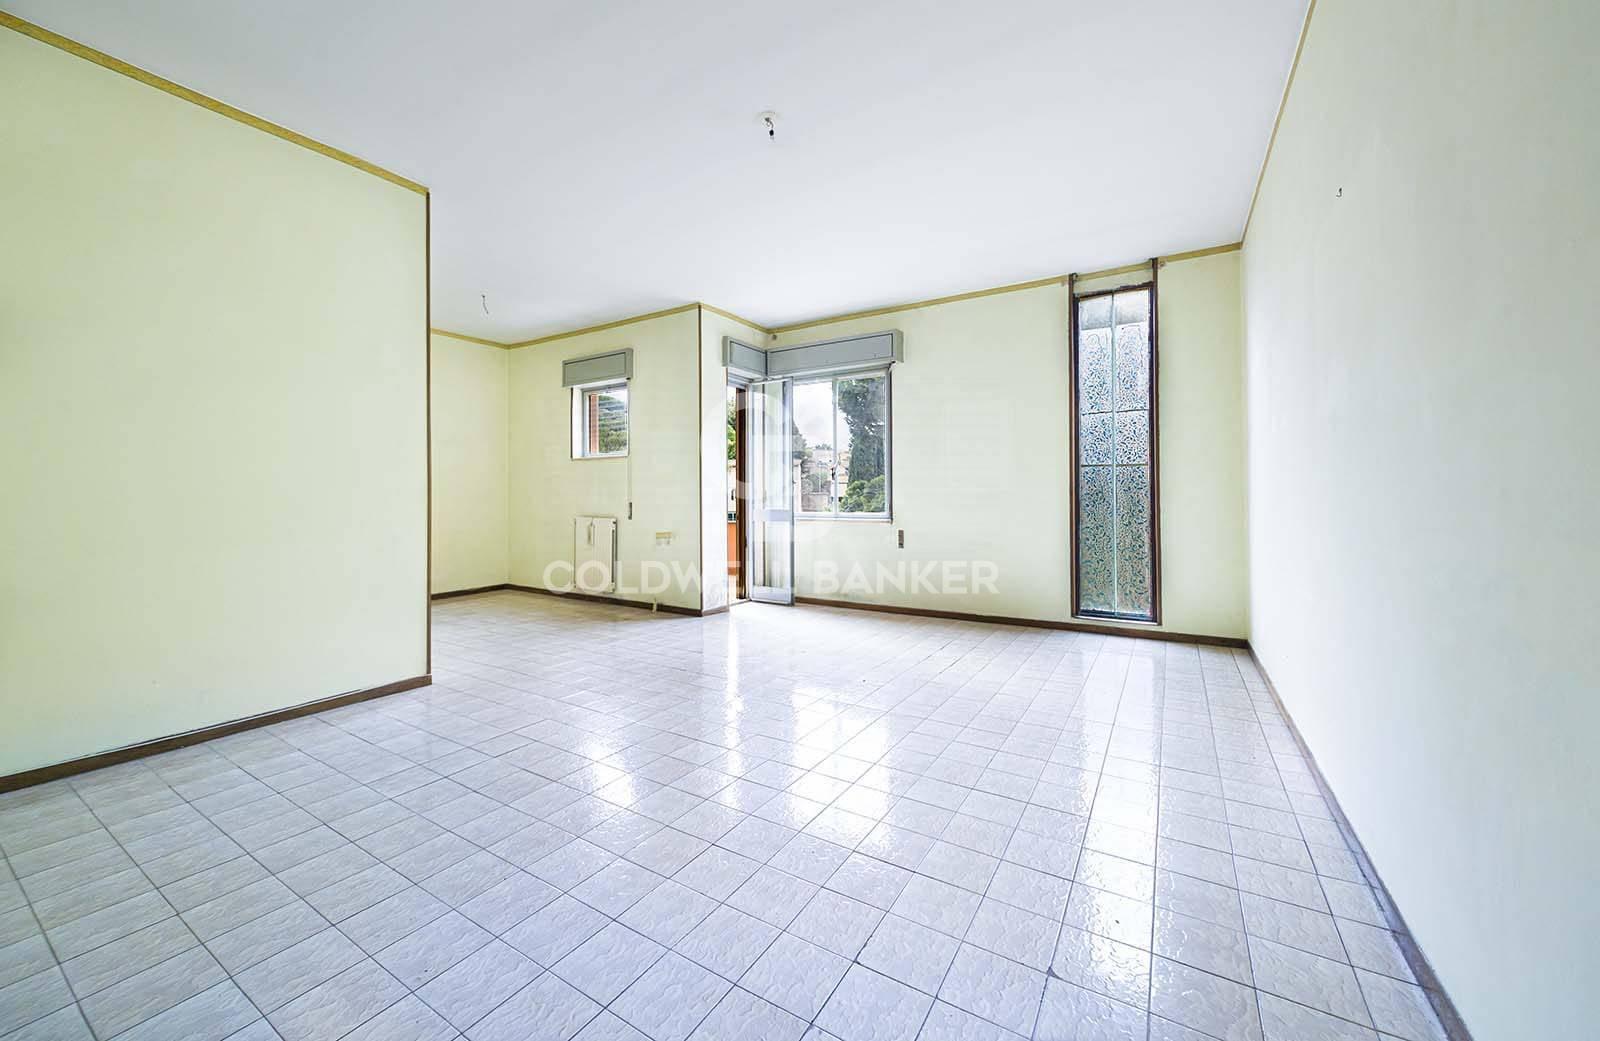 Villa a Schiera in vendita a Viterbo, 4 locali, zona Località: LaQuercia, prezzo € 119.000 | CambioCasa.it